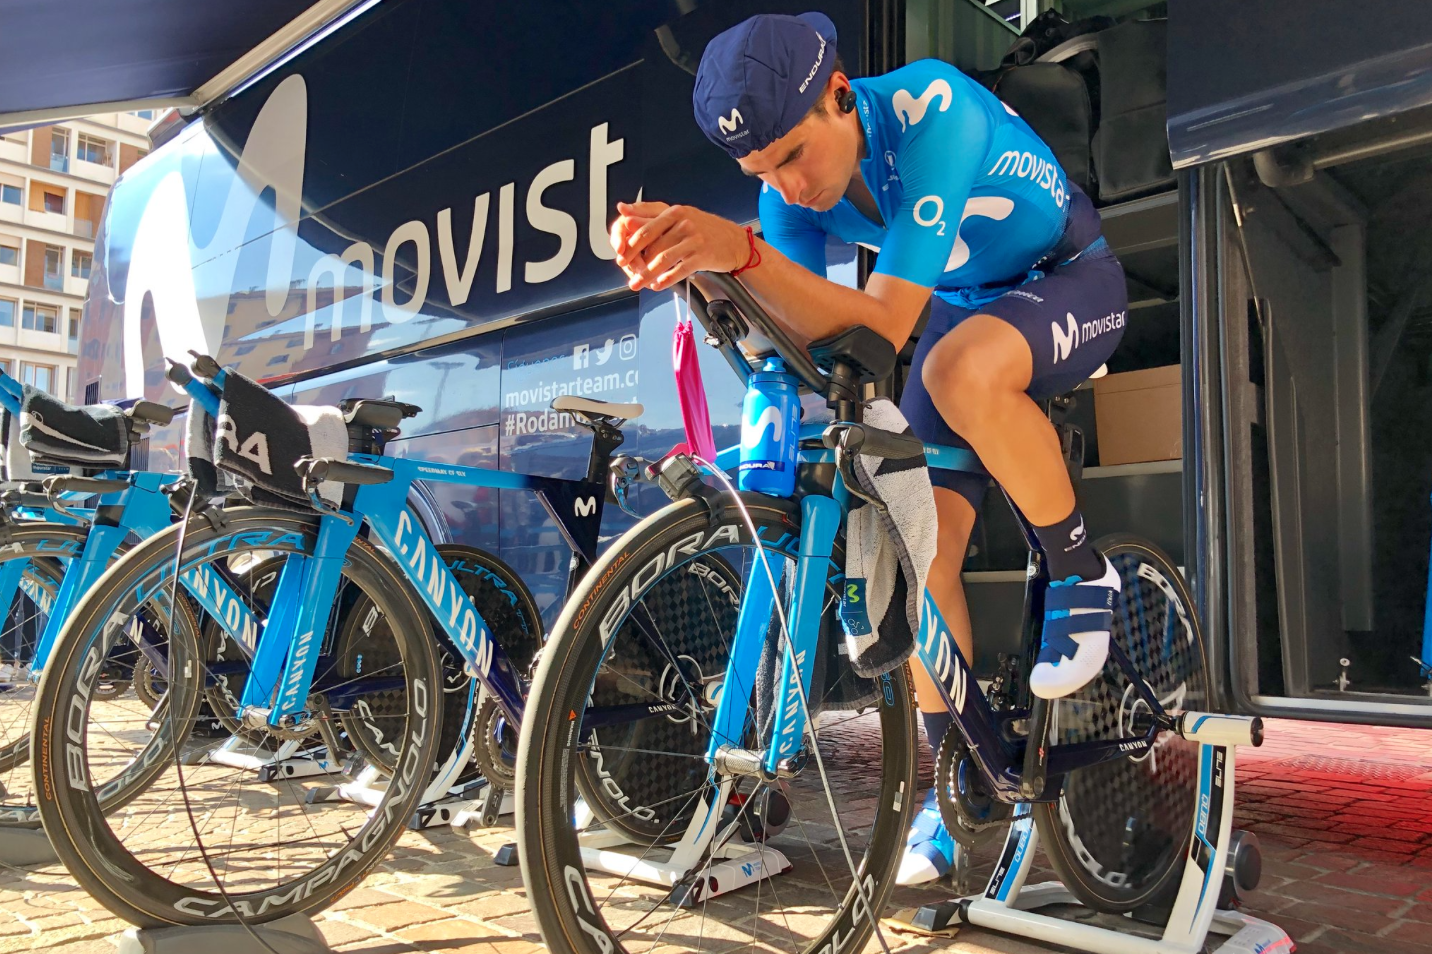 Landa ultimará la preparación para el Tour de Francia.